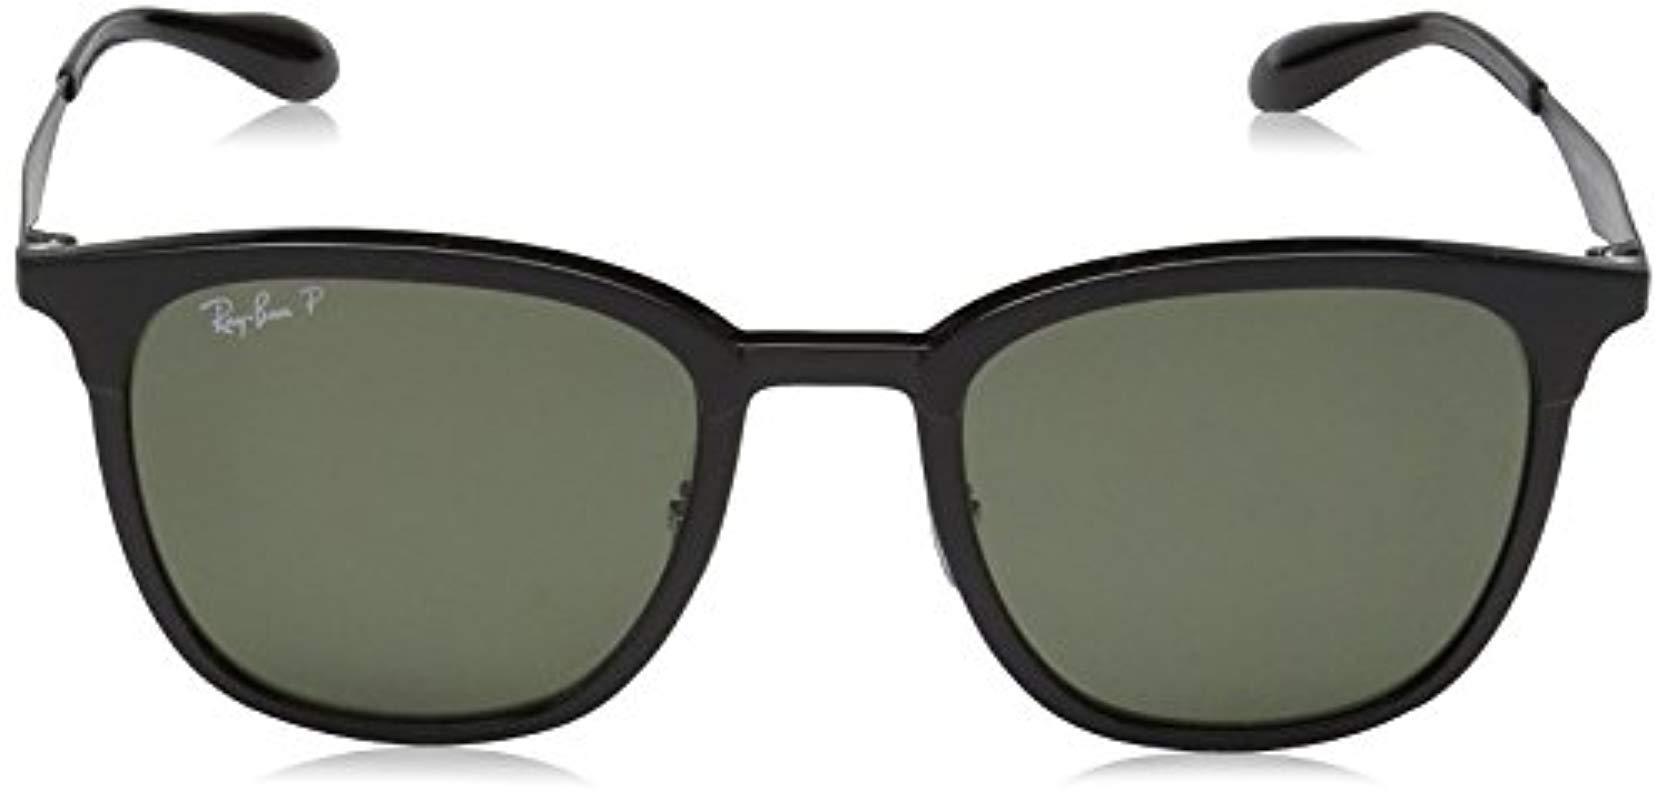 98b27904c6 Ray-Ban Two Tone Fine Square Sunglasses In Black Matte Black ...